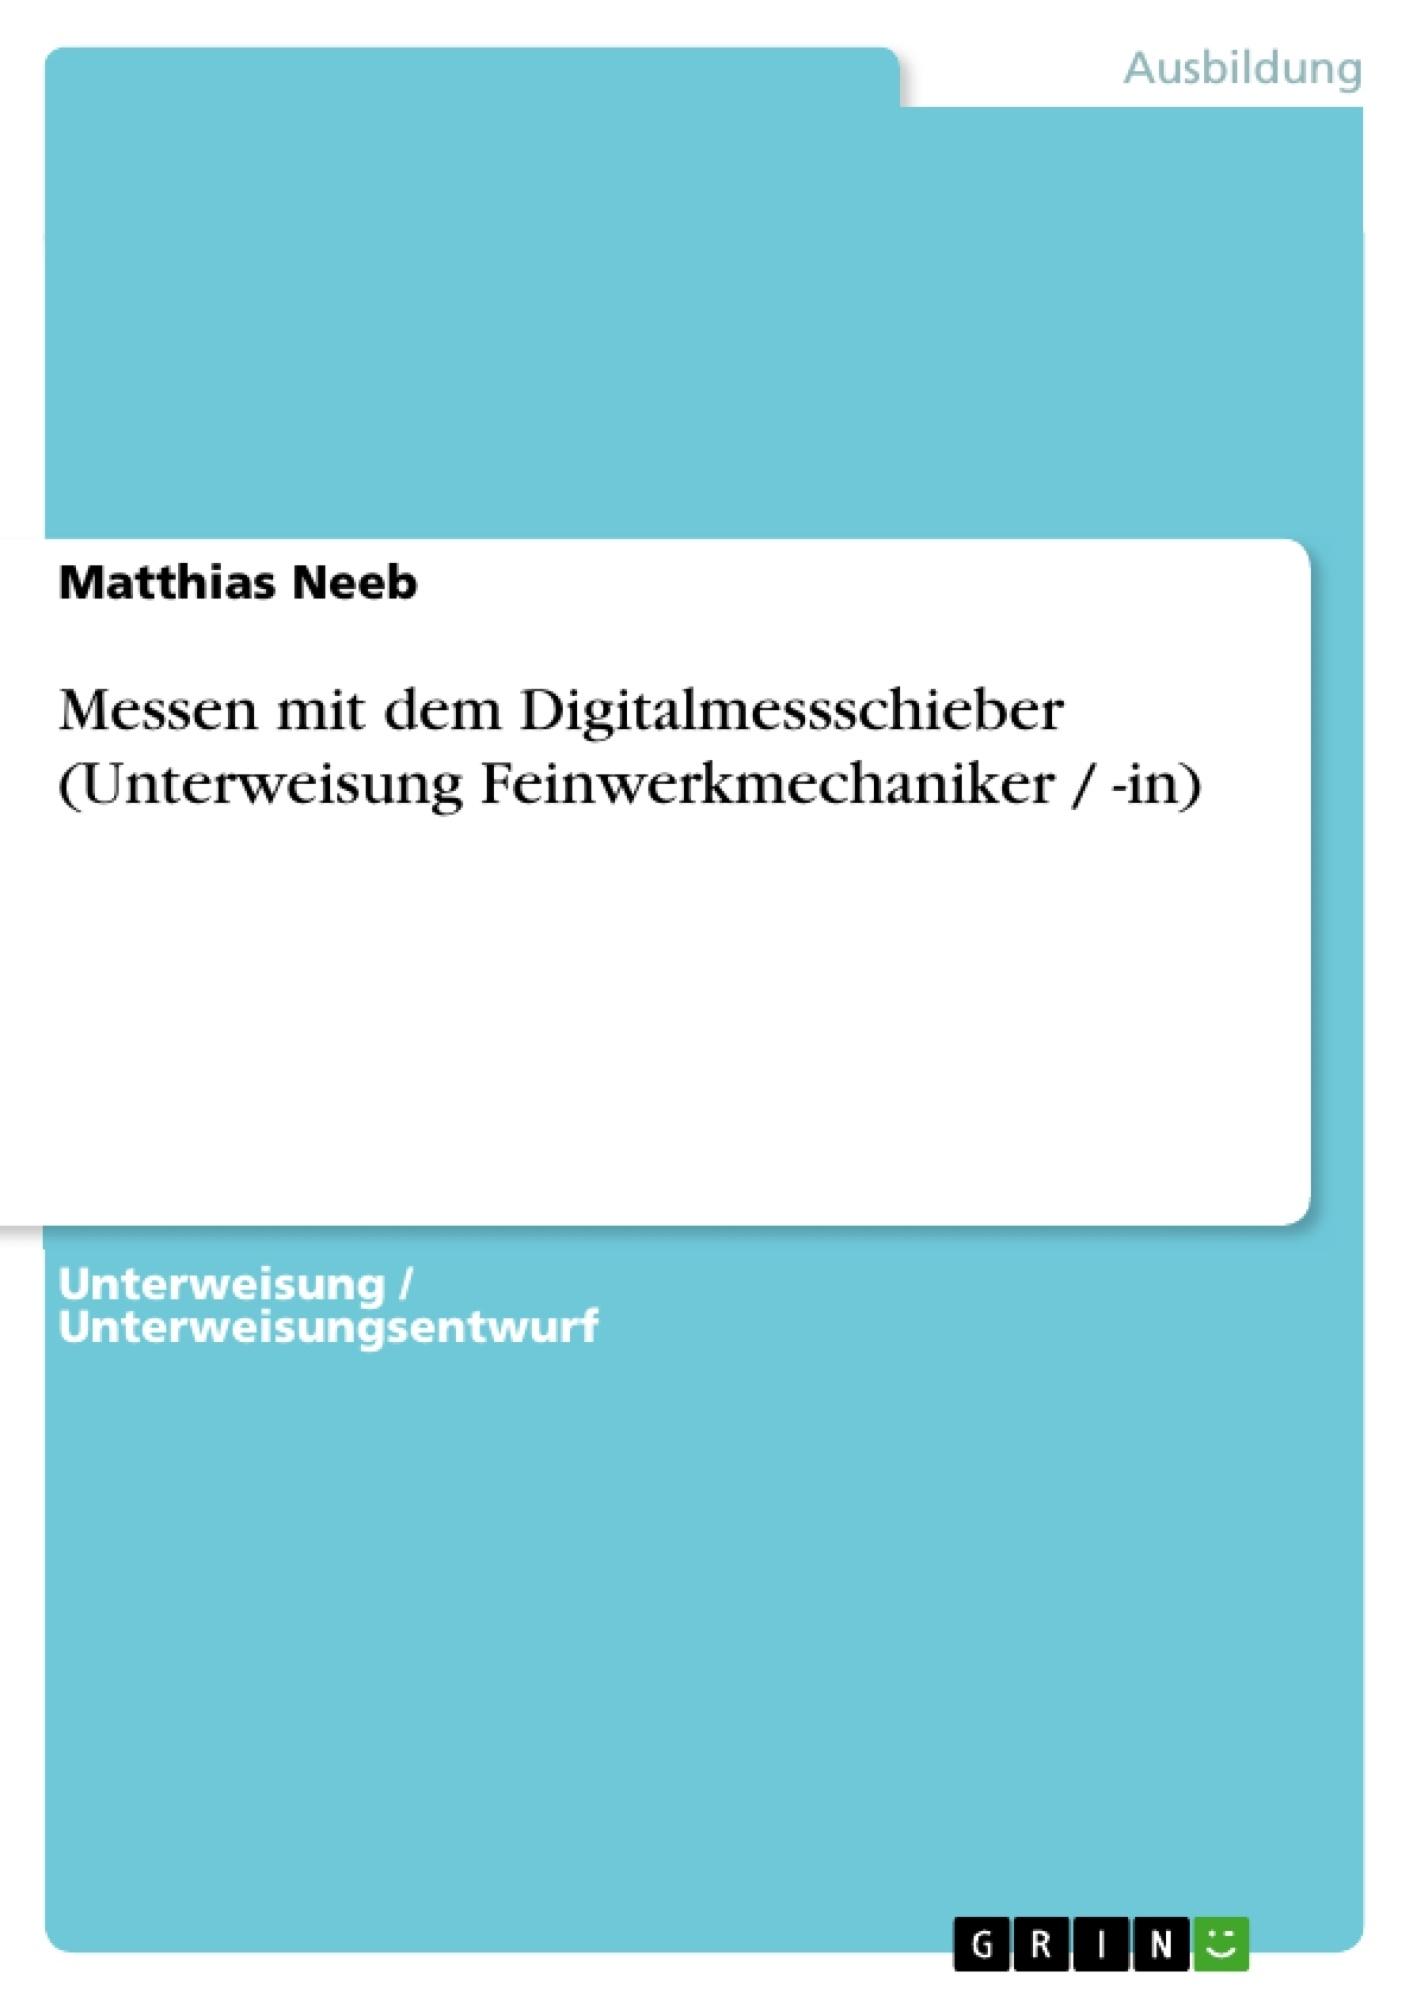 Titel: Messen mit dem Digitalmessschieber (Unterweisung Feinwerkmechaniker / -in)